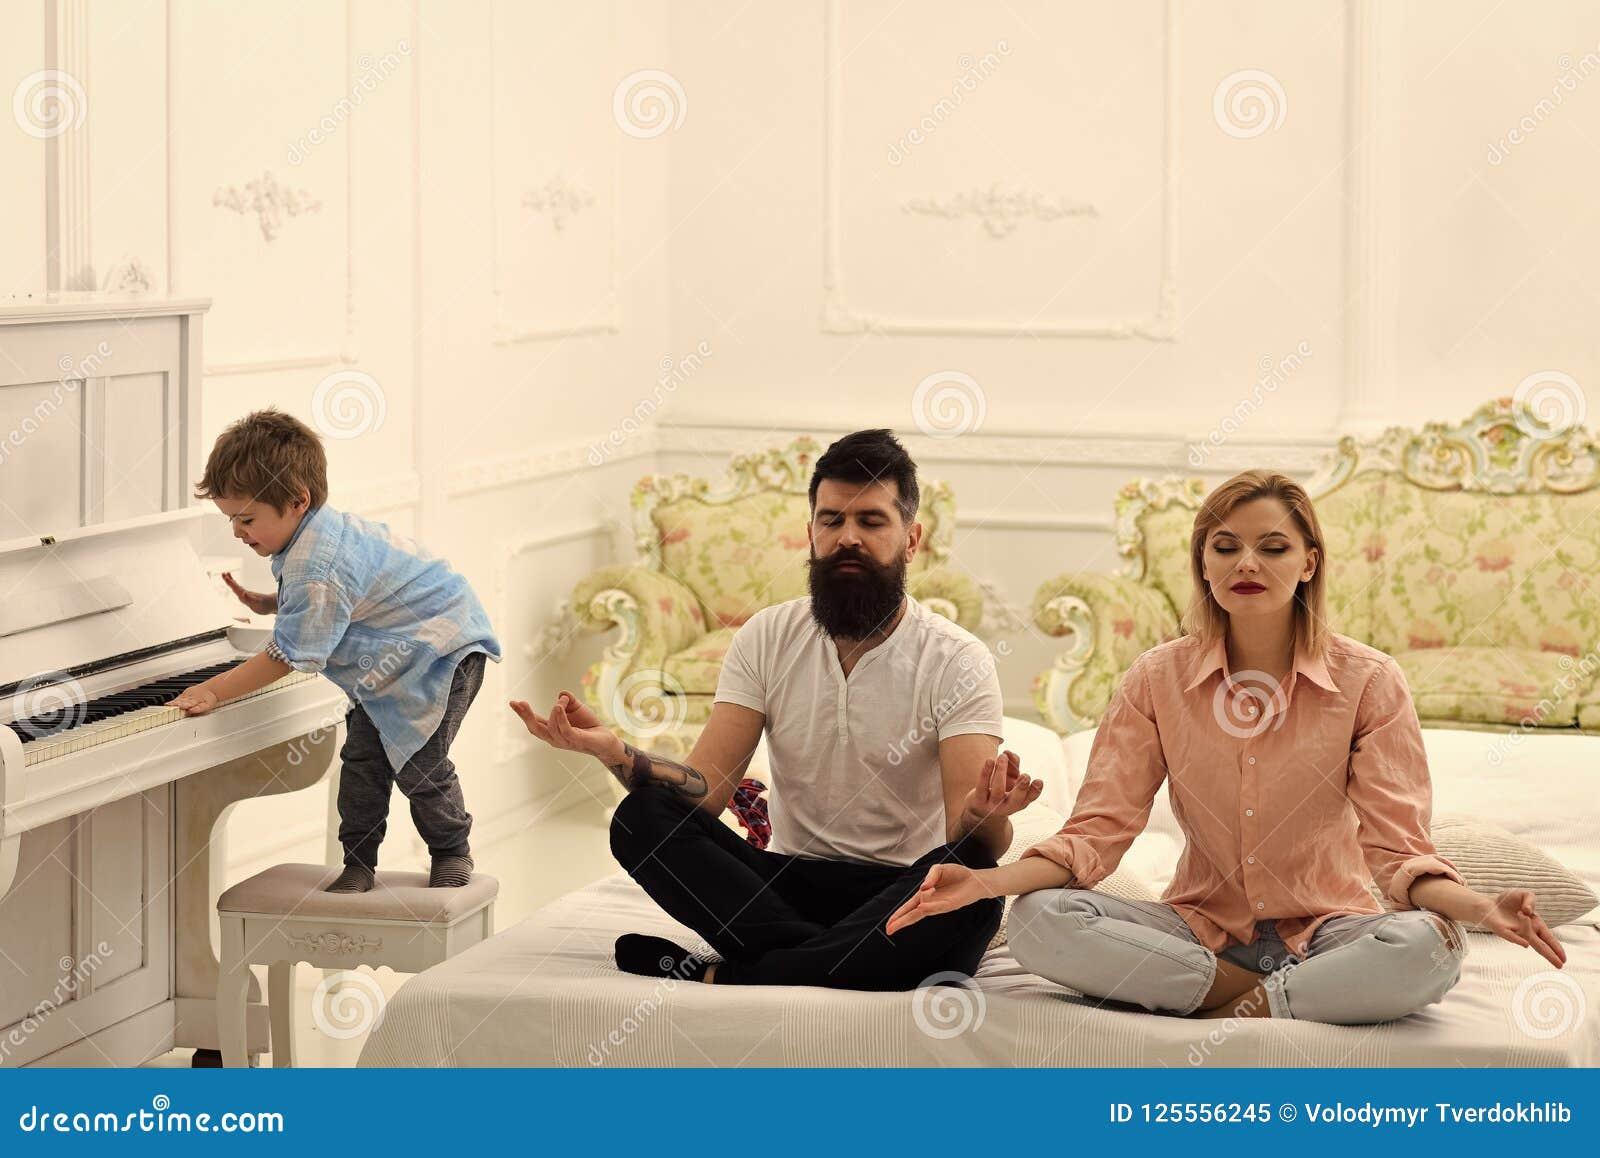 思考年轻的父母,当他们的弹钢琴,讨厌的父母时的小儿子 夫妇在床上做瑜伽锻炼 孩子